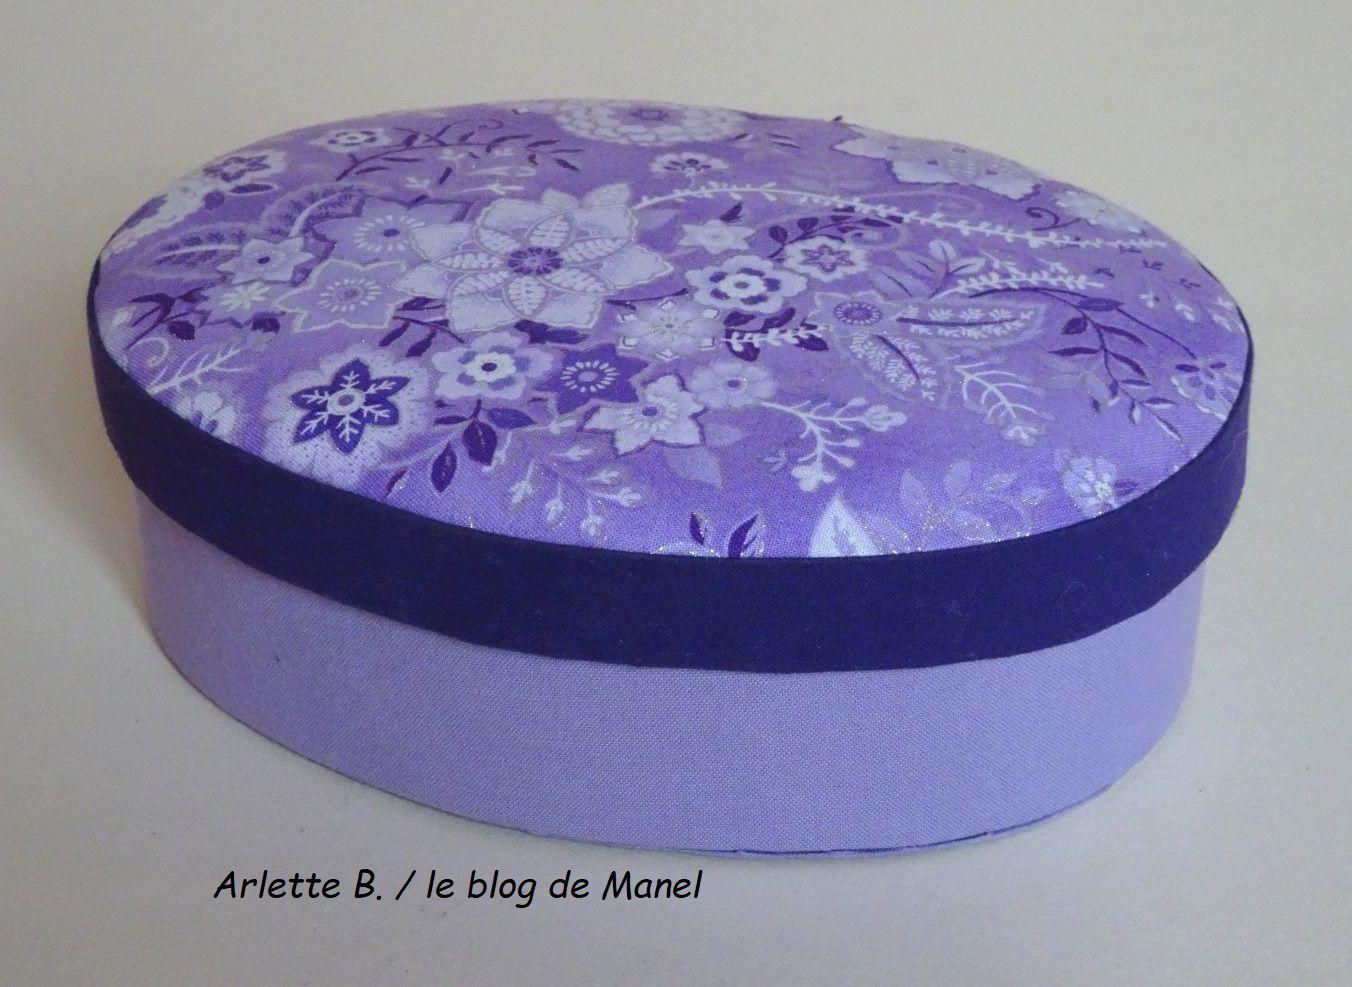 ARLETTE B. /ELEVE DE MANEL / BOITE OVALE